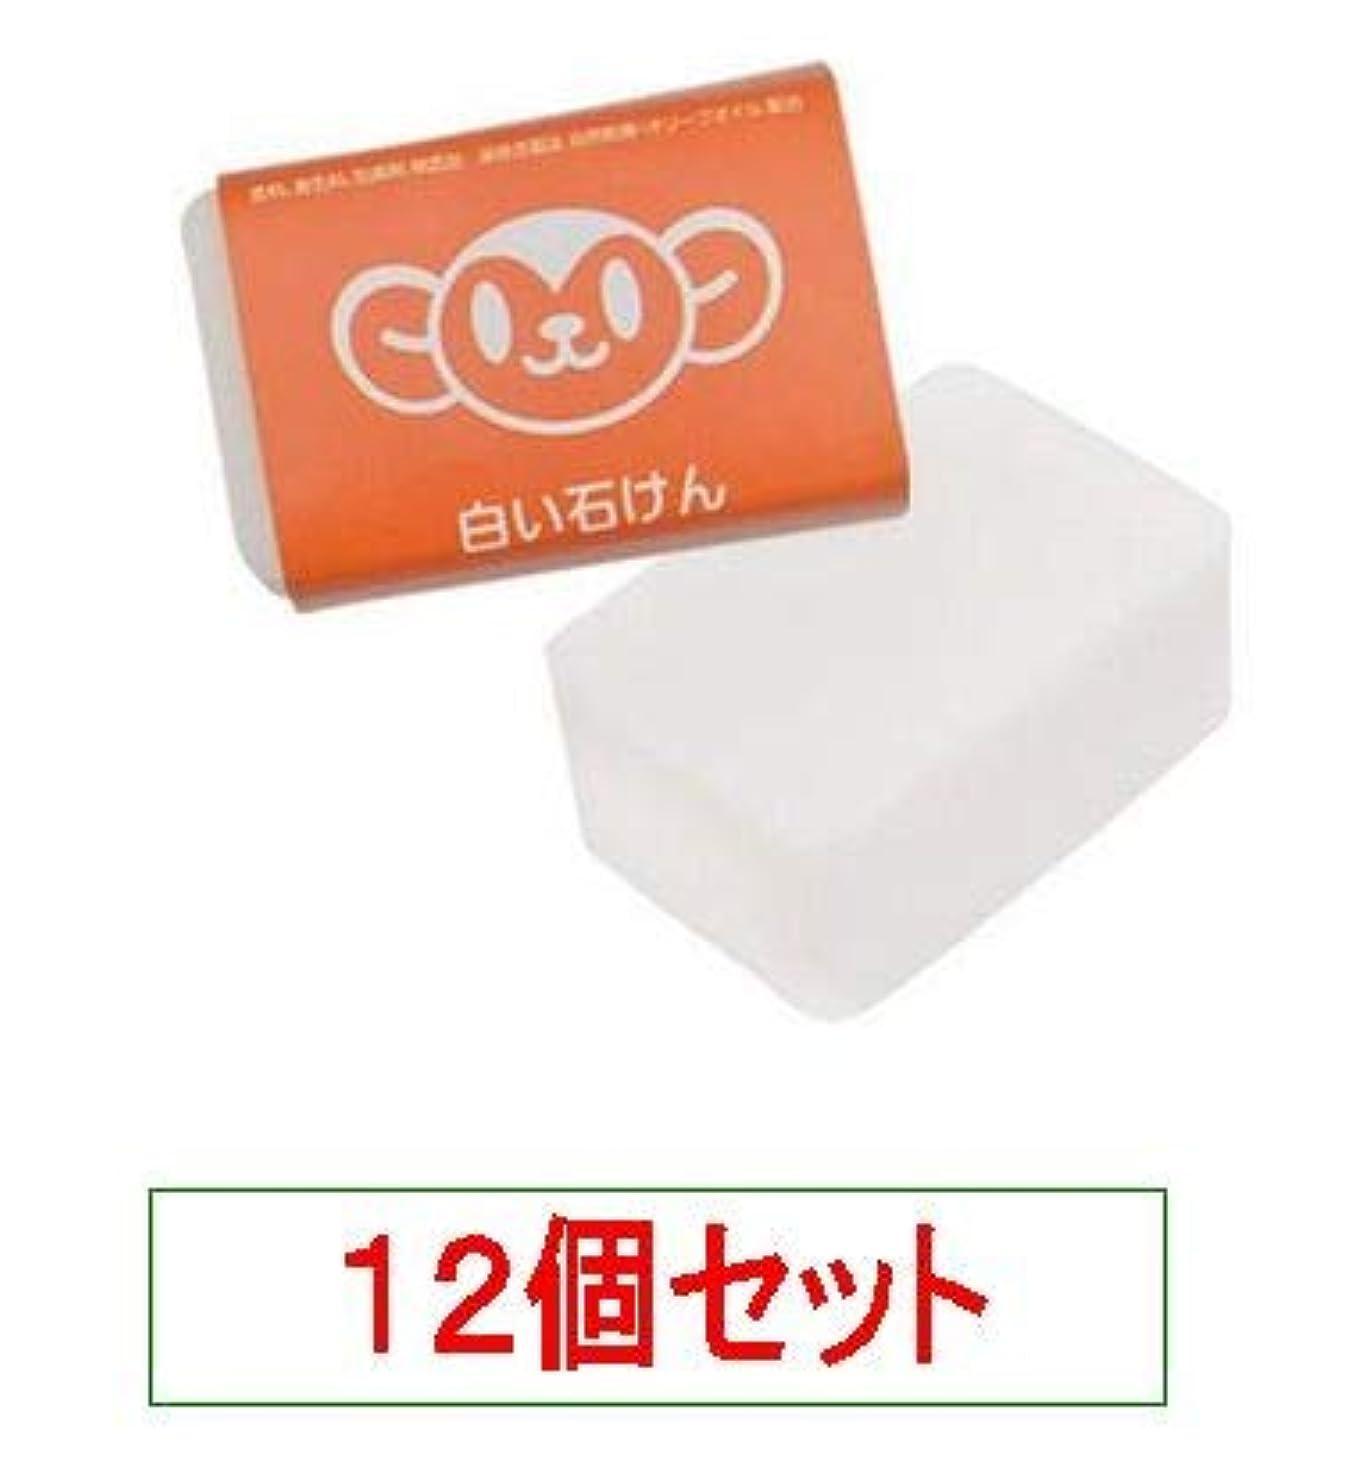 主権者保守可能とんでもないハイム むーくんシリーズ 白い石けん 120g<無添加の洗顔、入浴用>X12個セット